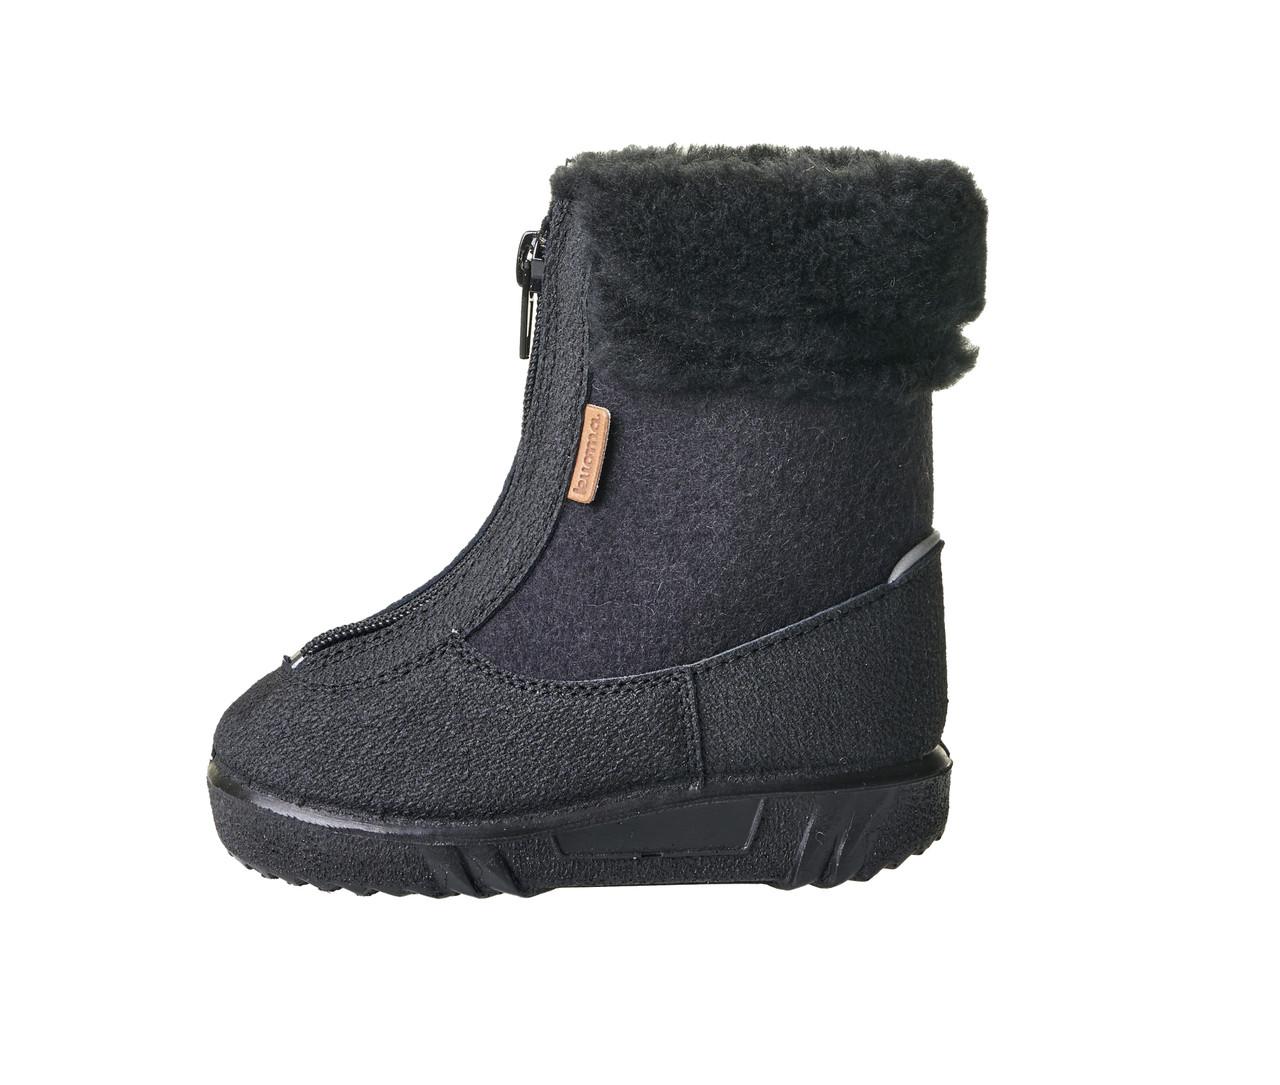 Обувь детская Baby felt Black